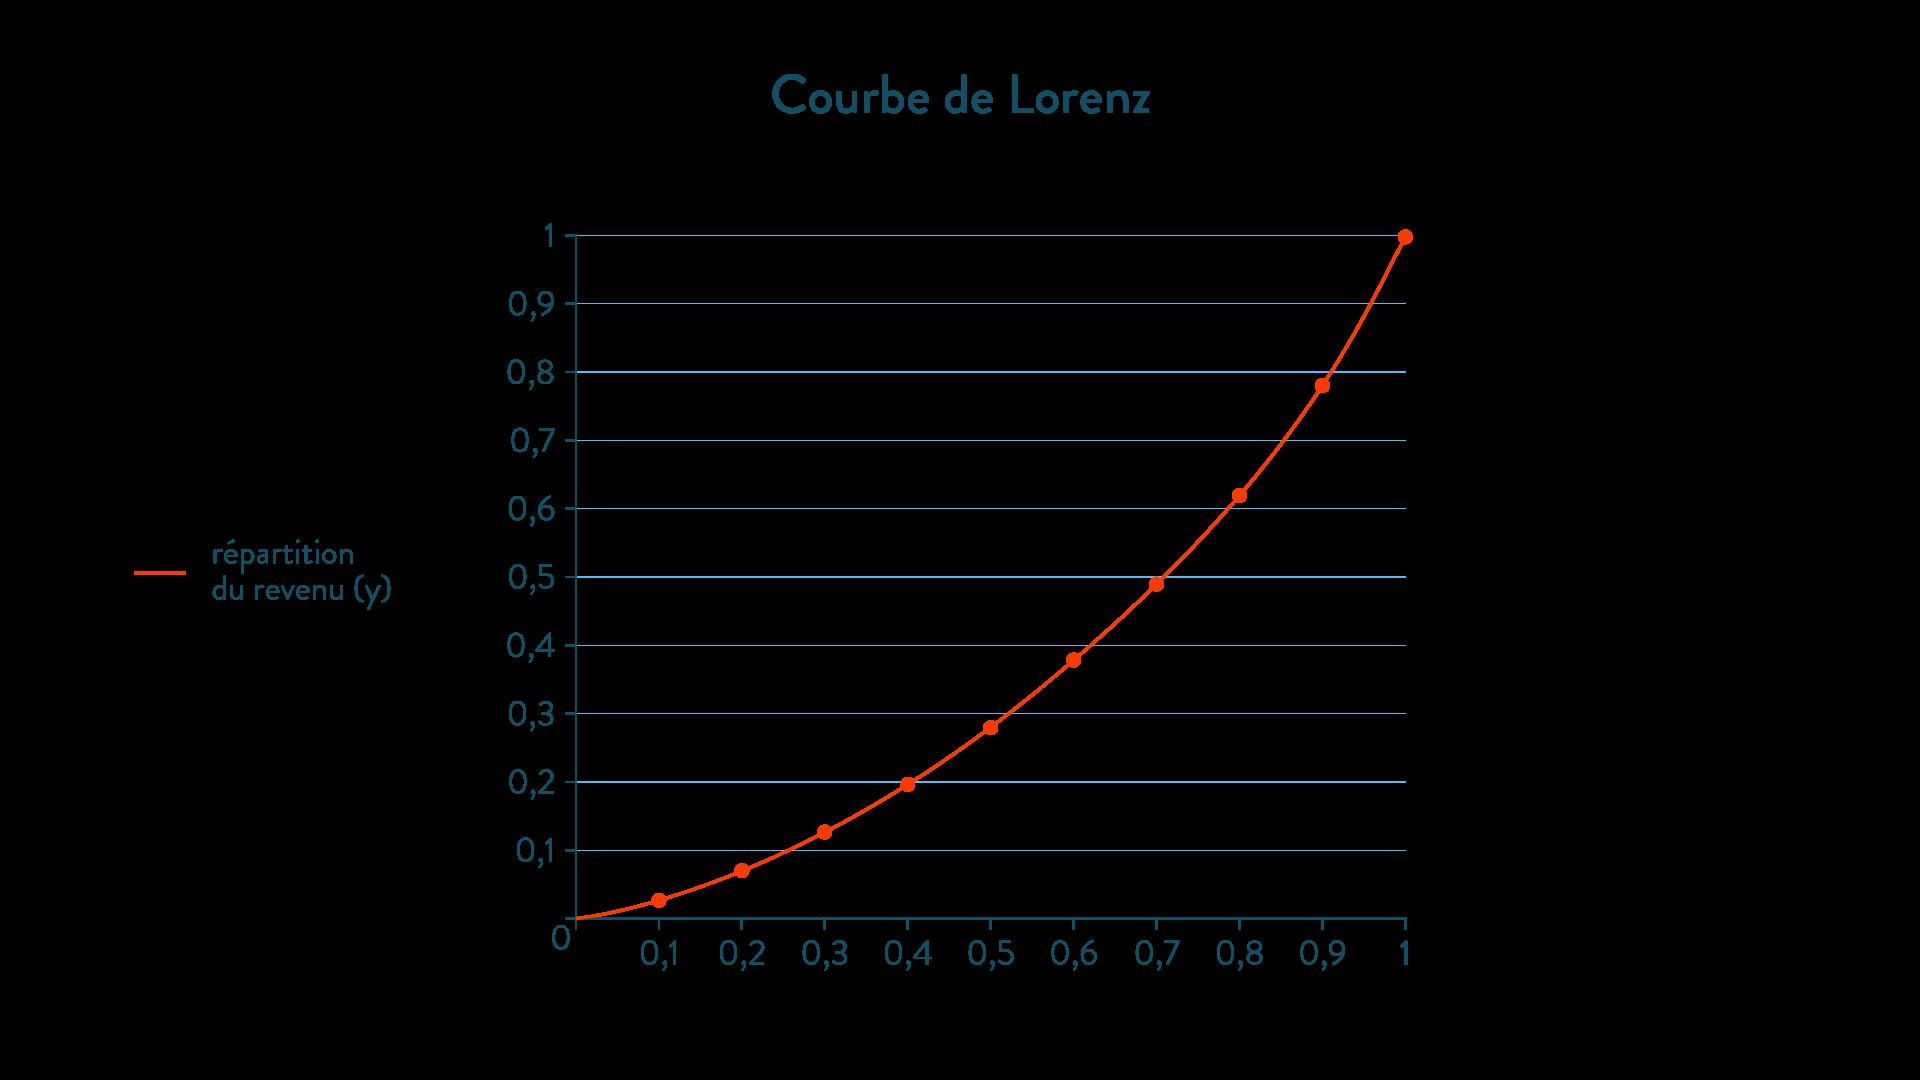 Courbe de Lorenz méthode ses